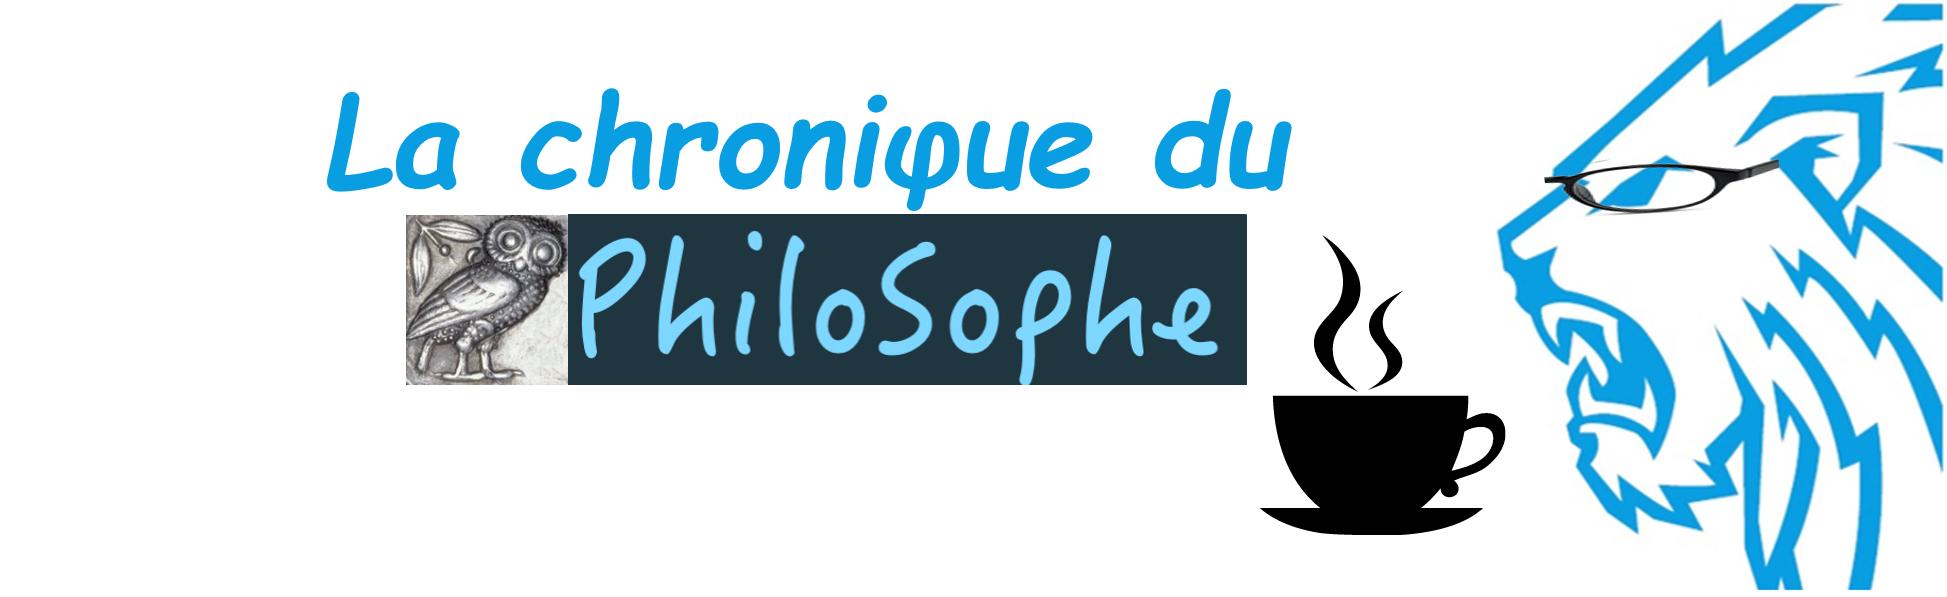 La-chronique-du-Philosophe-3